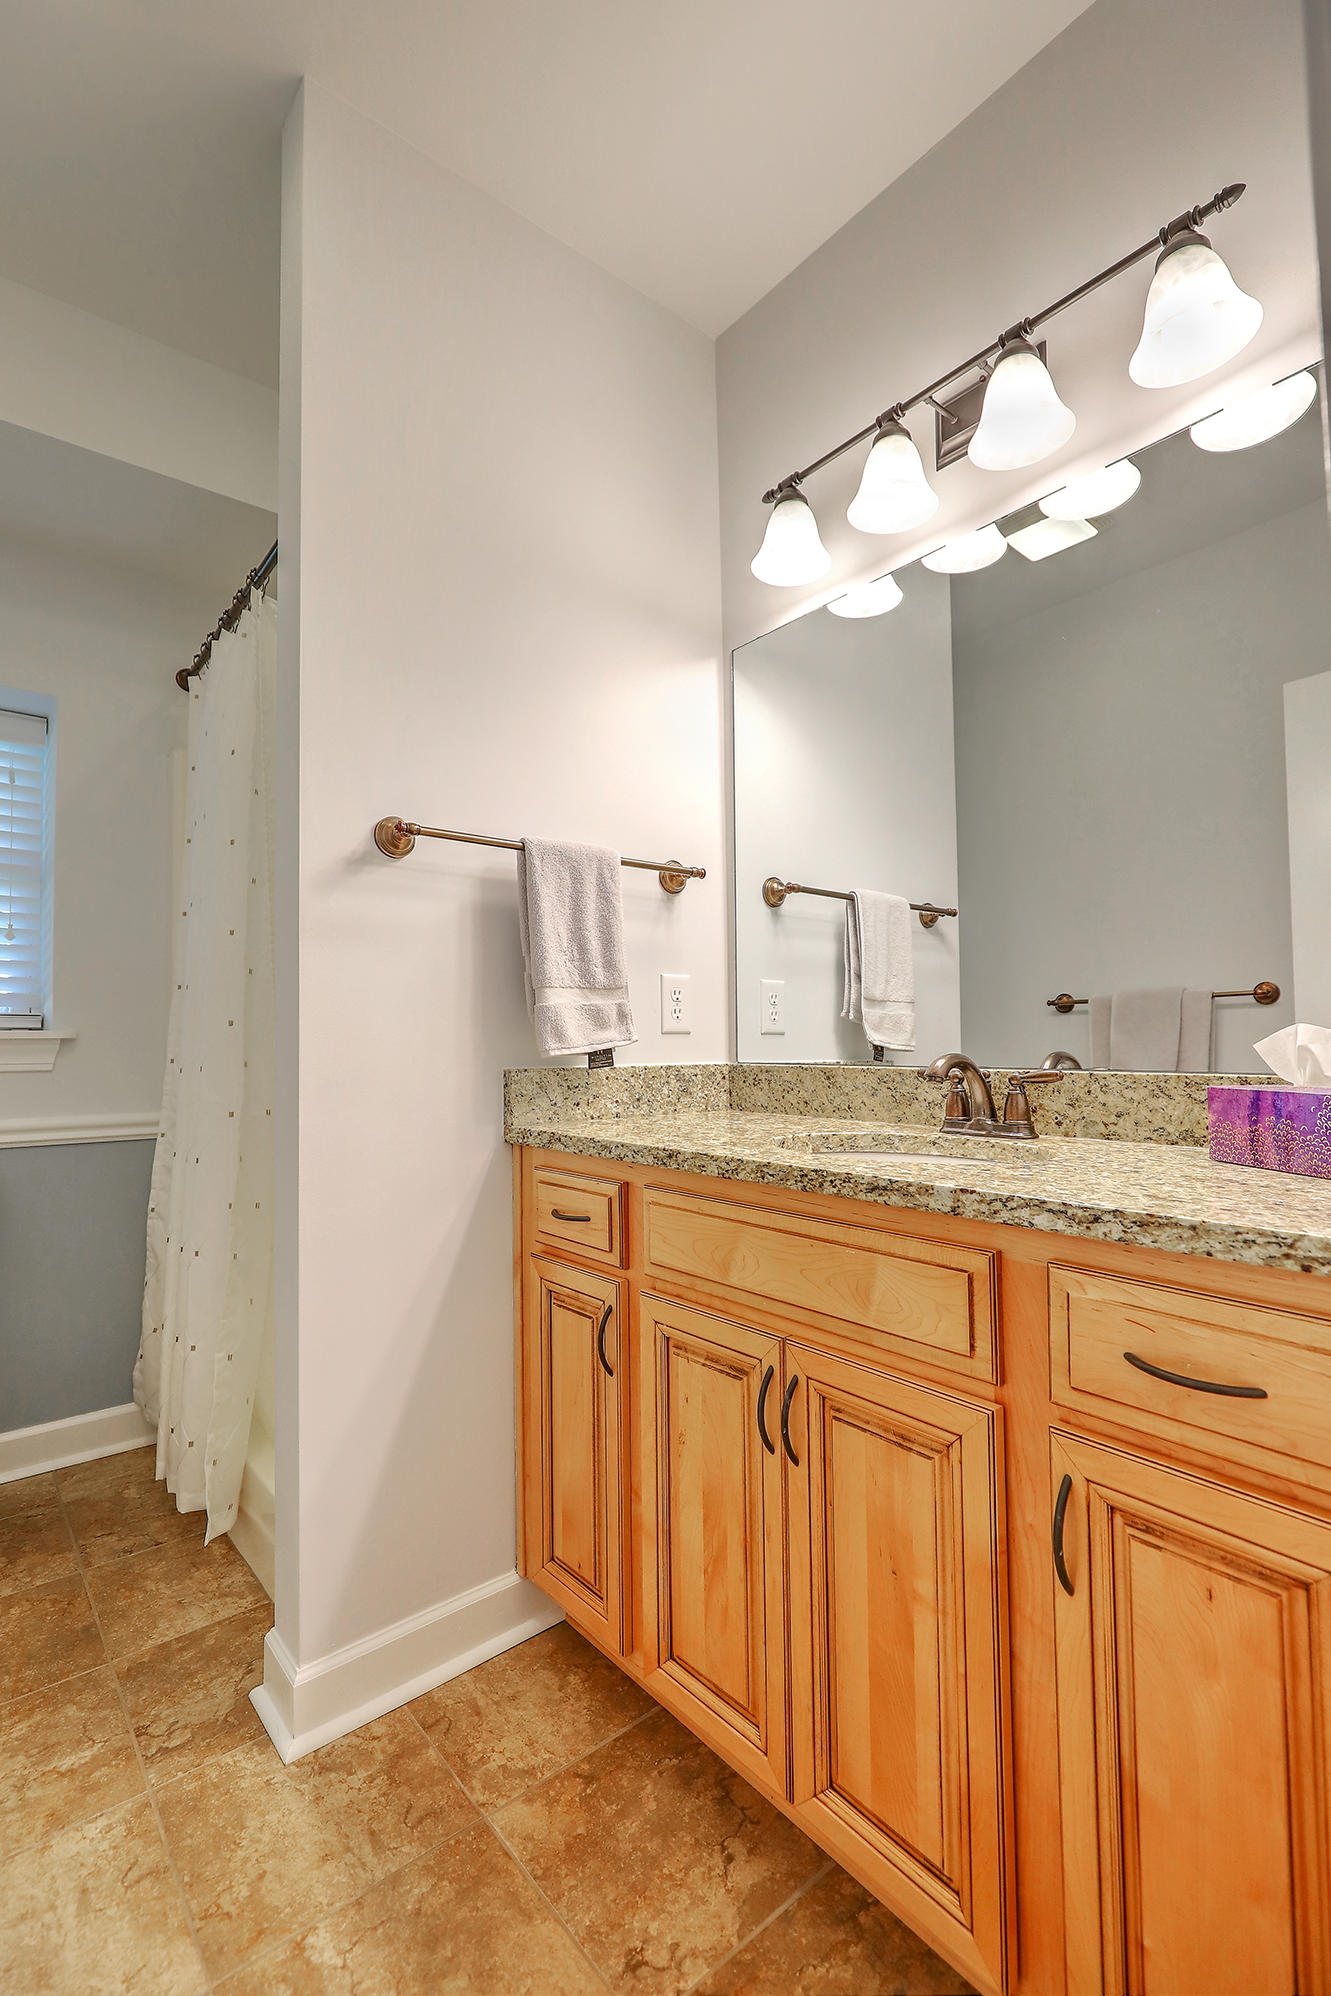 Park West Homes For Sale - 2108 Malcolm, Mount Pleasant, SC - 2